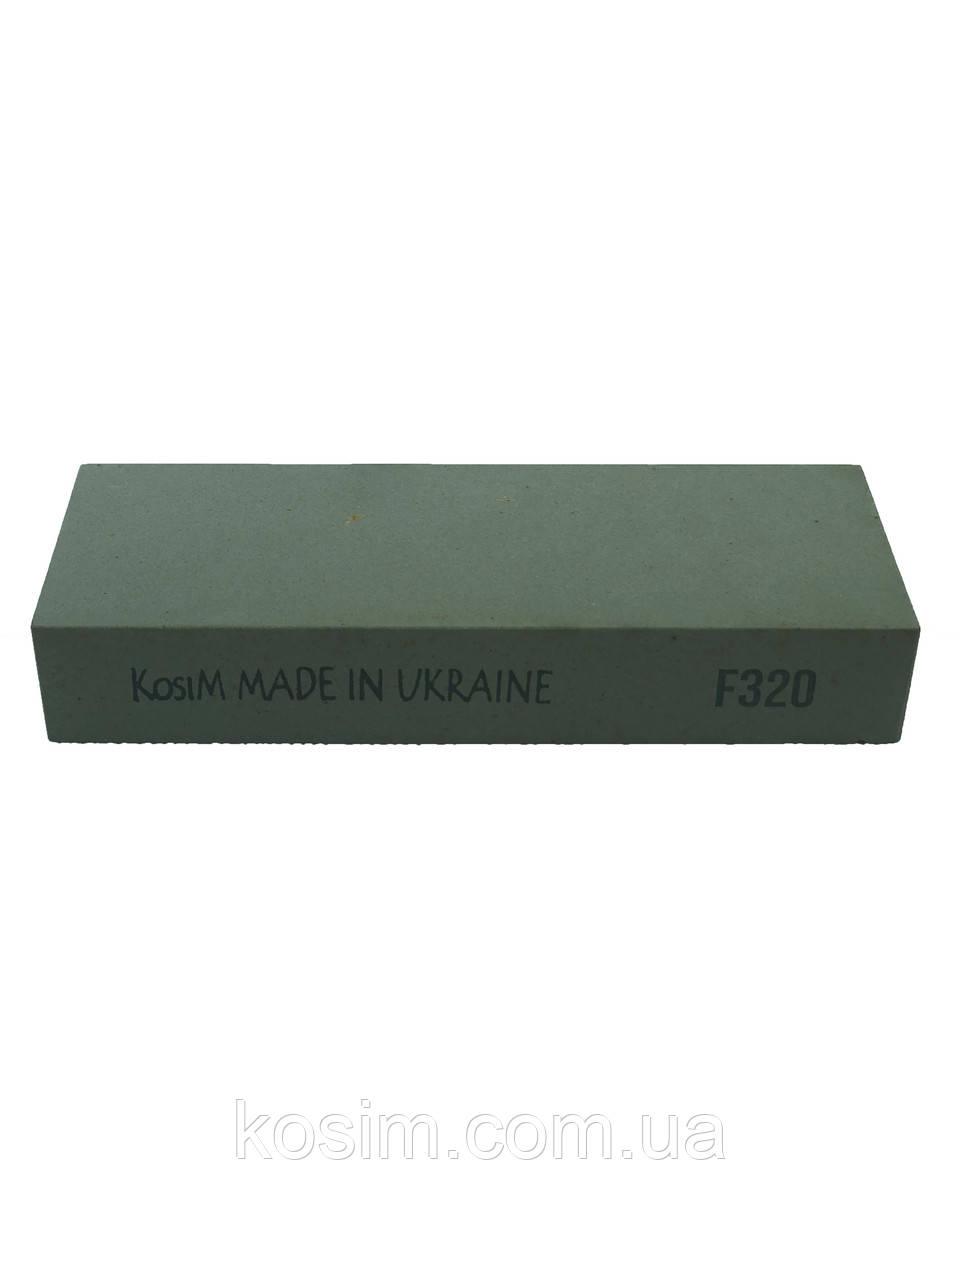 Точильный камень KosiM для ручной заточки режущего инструмента F320 150*25*55 мм